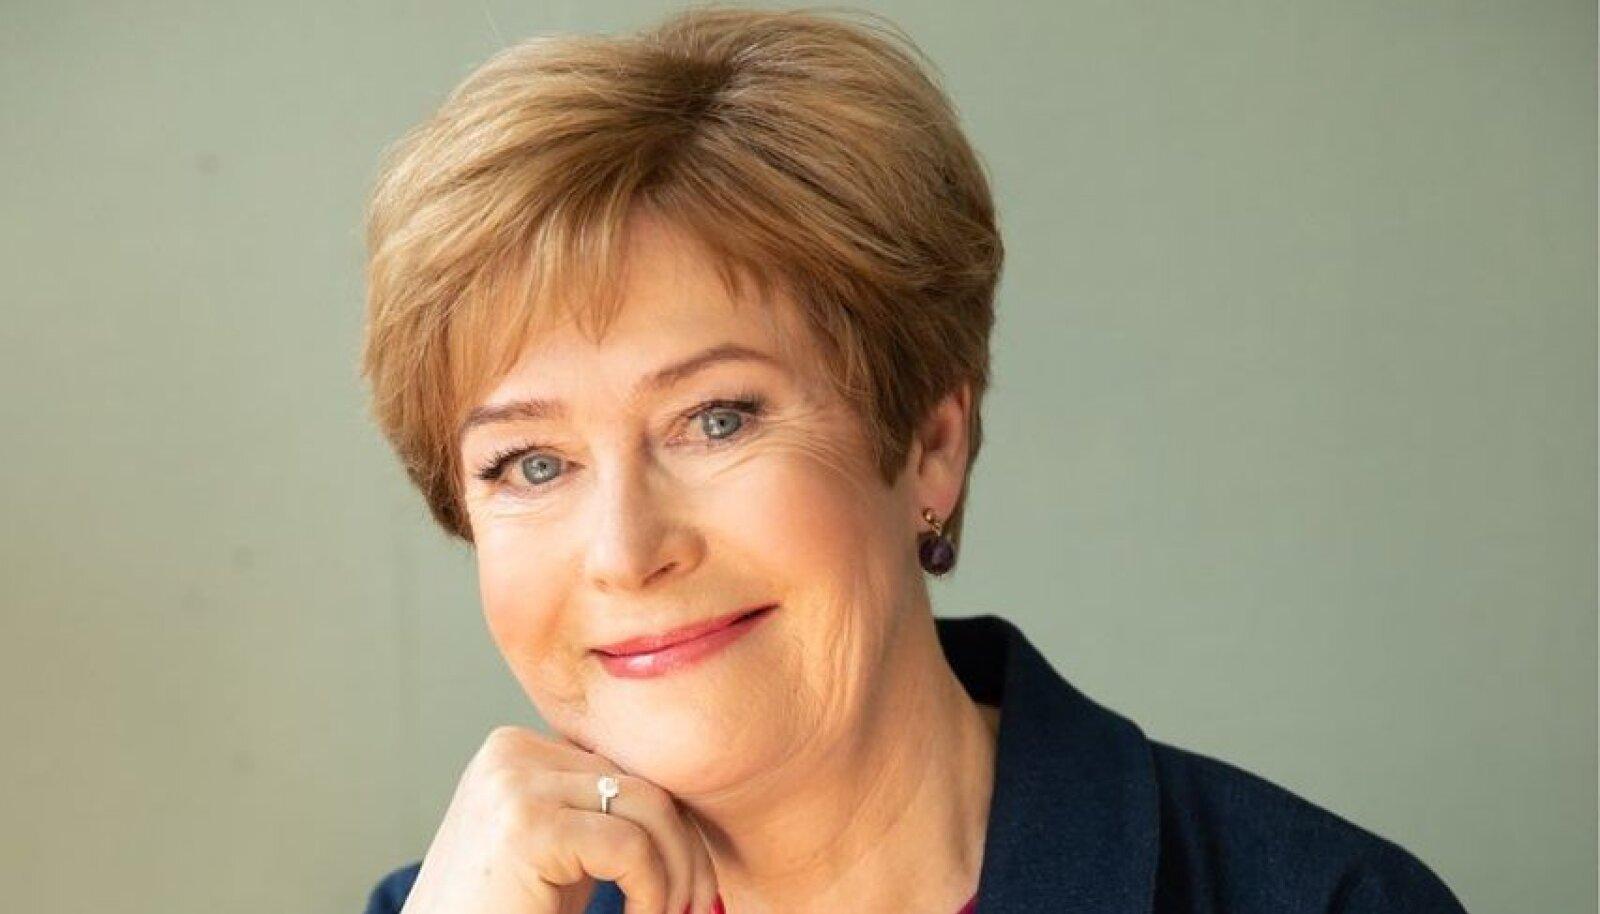 Kristi Kallas